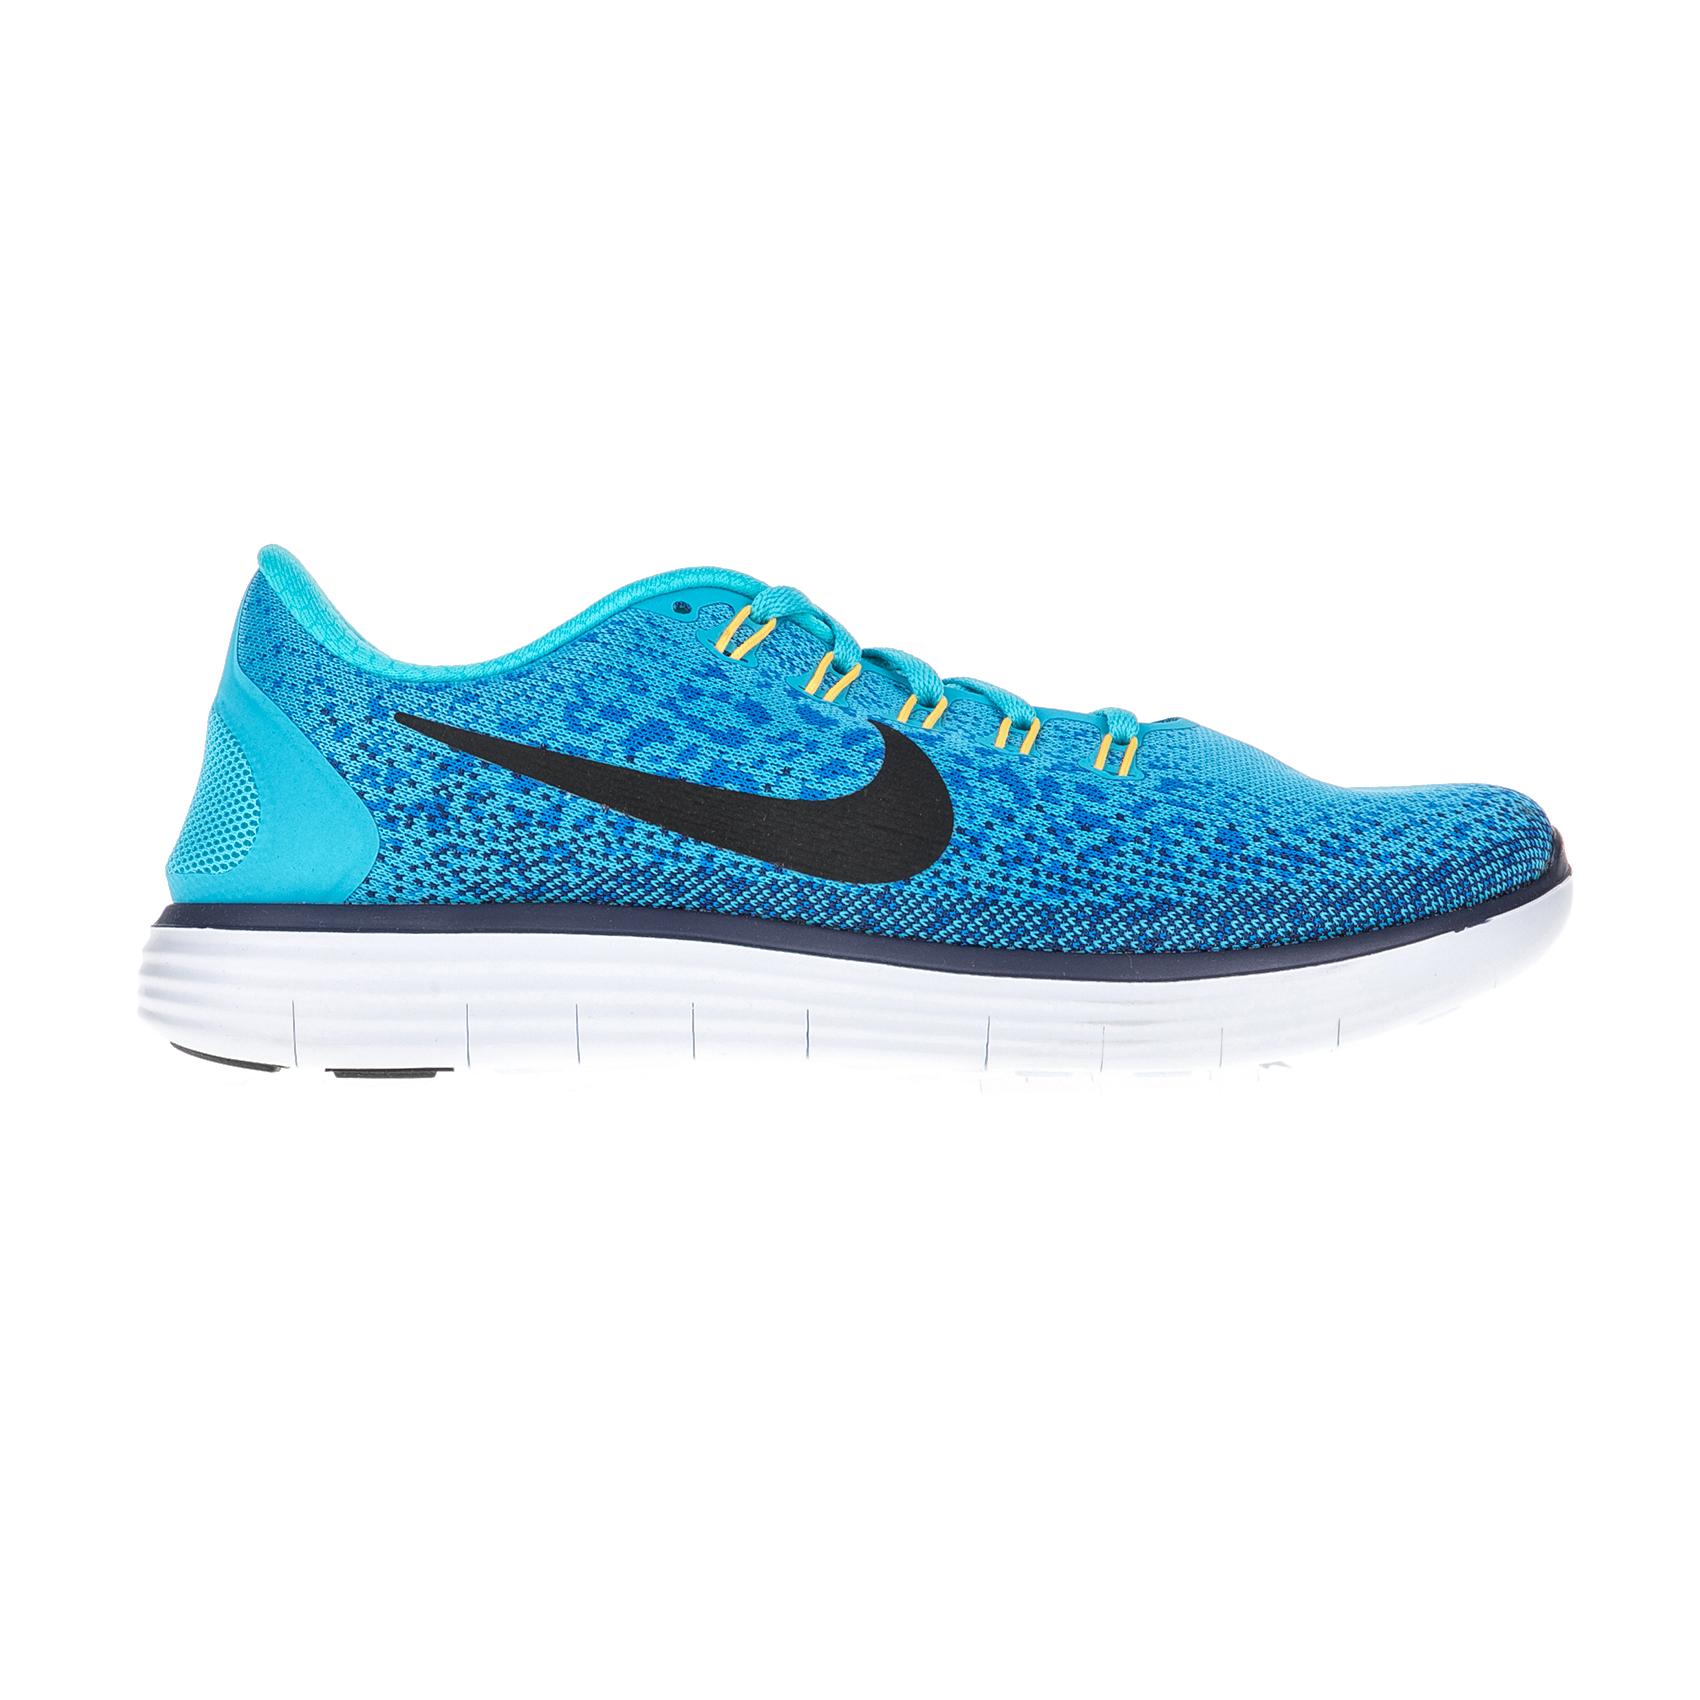 NIKE – Ανδρικά παπούτσια για τρέξιμο NIKE FREE RN DISTANCE μπλε